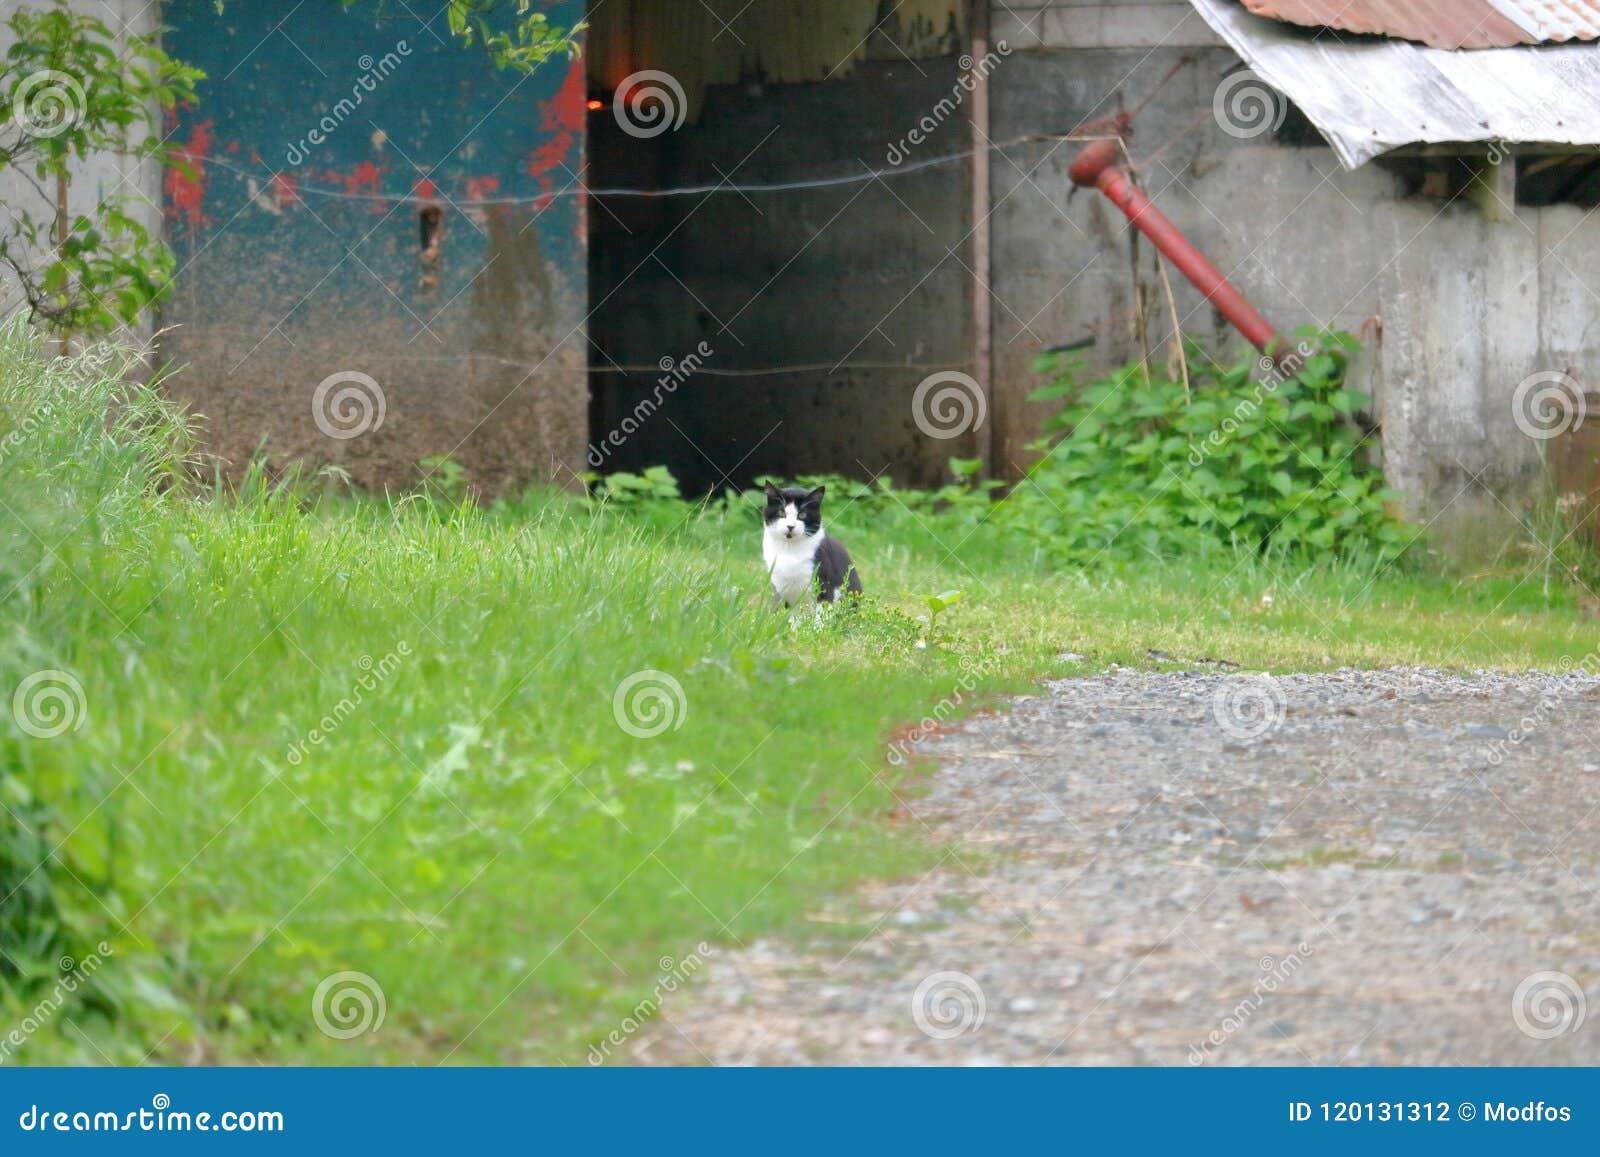 谷仓老鼠的猫狩猎